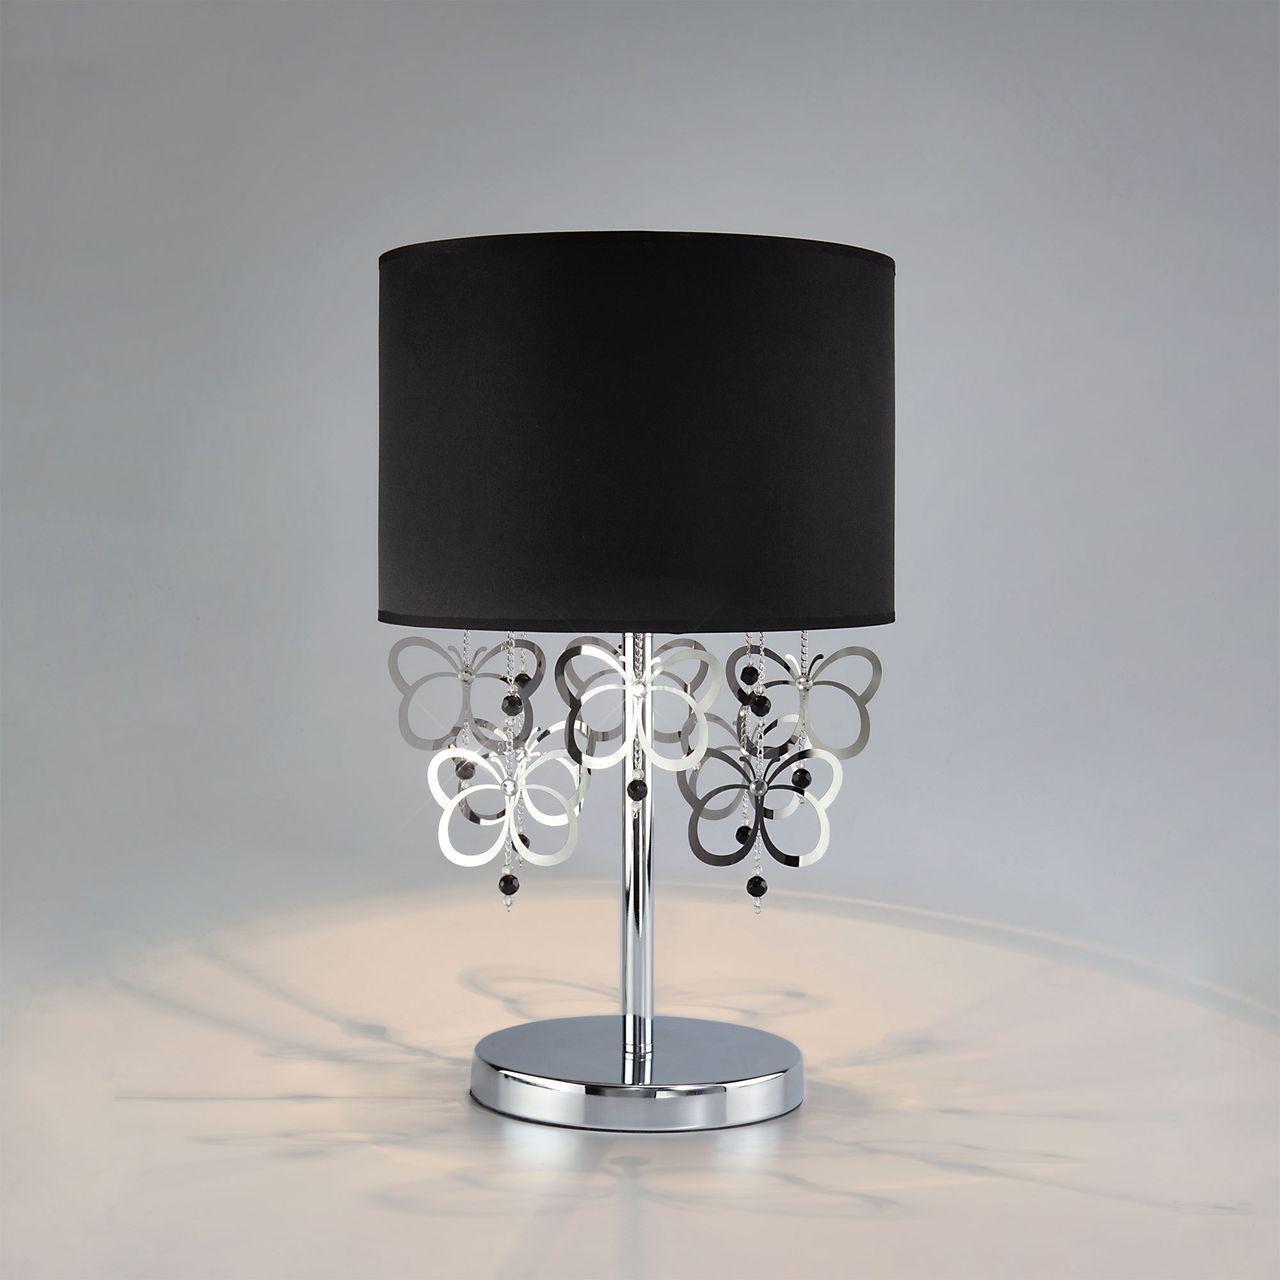 Настольная лампа Bogates Papillon 01094/1 лампа настольная декоративная bogates 01090 1